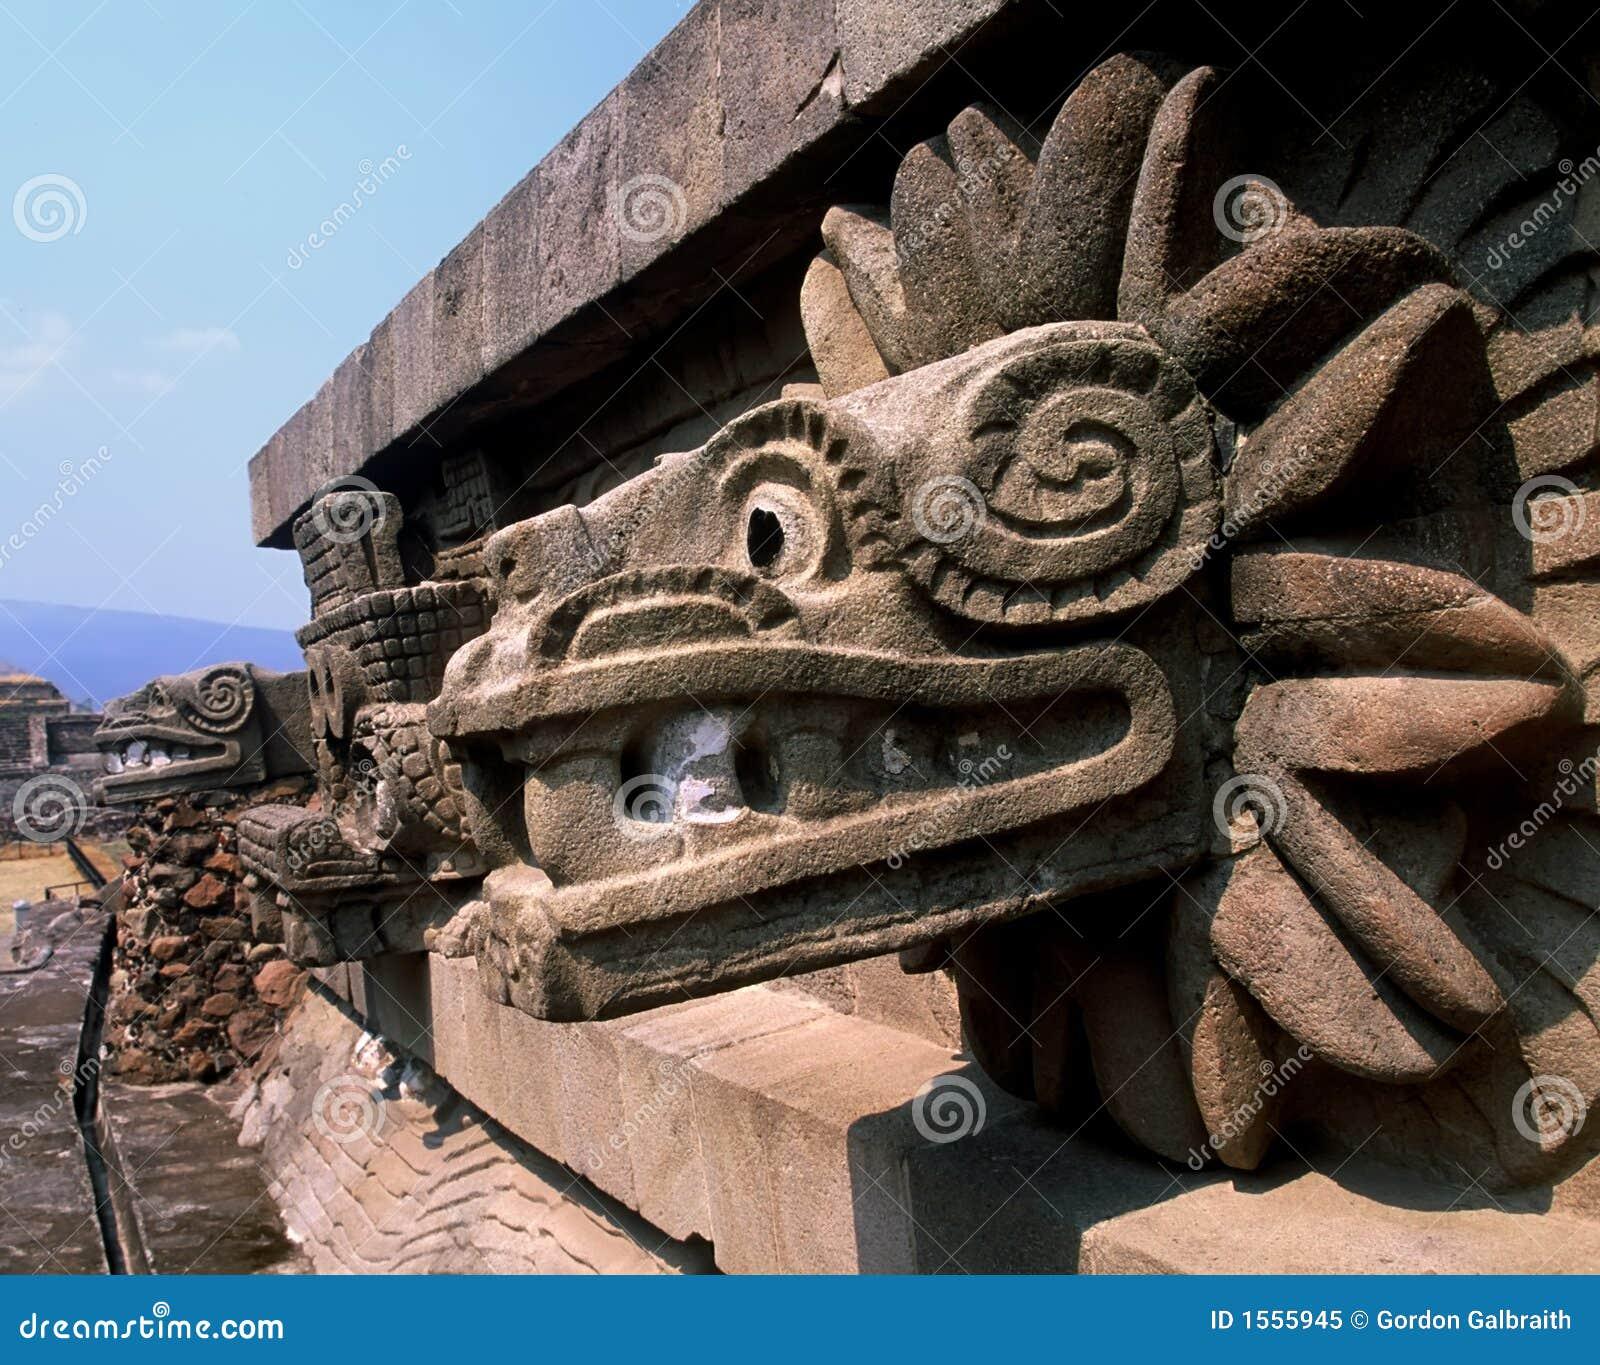 Serpent Quetzalcoatl